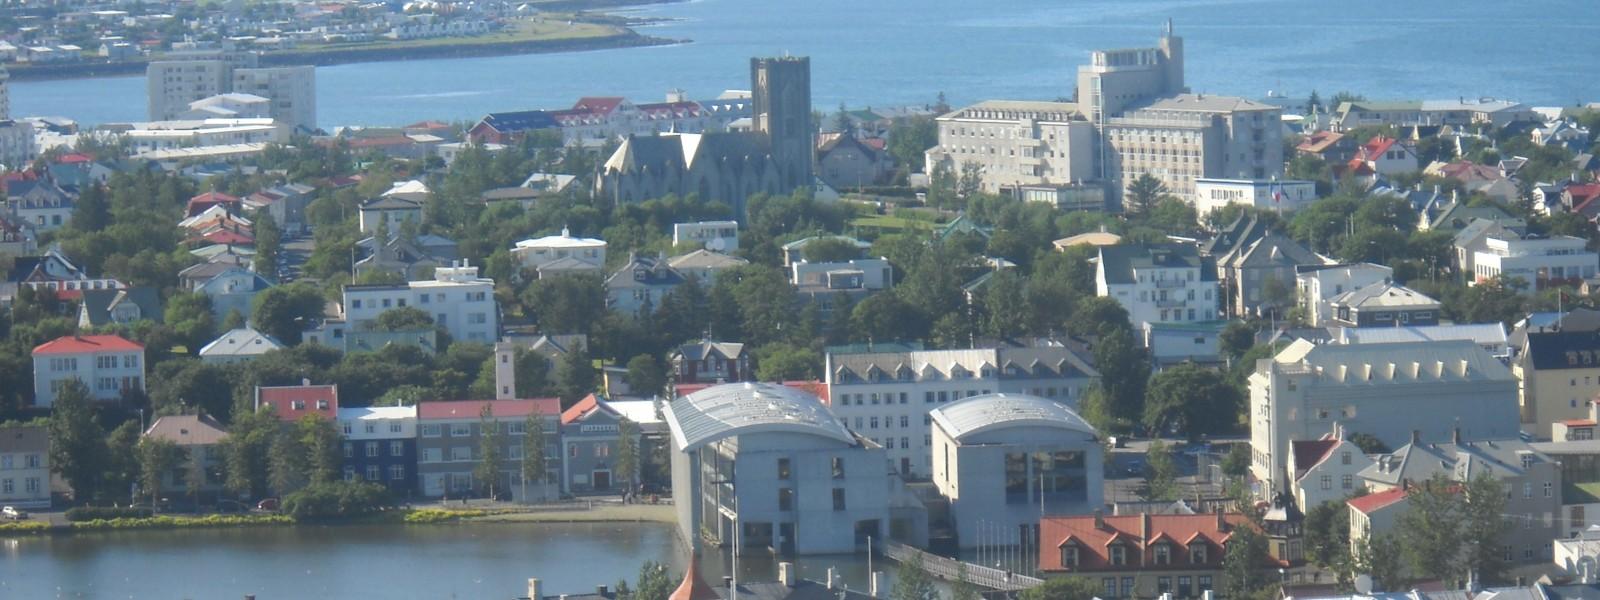 Reykjavik city overview